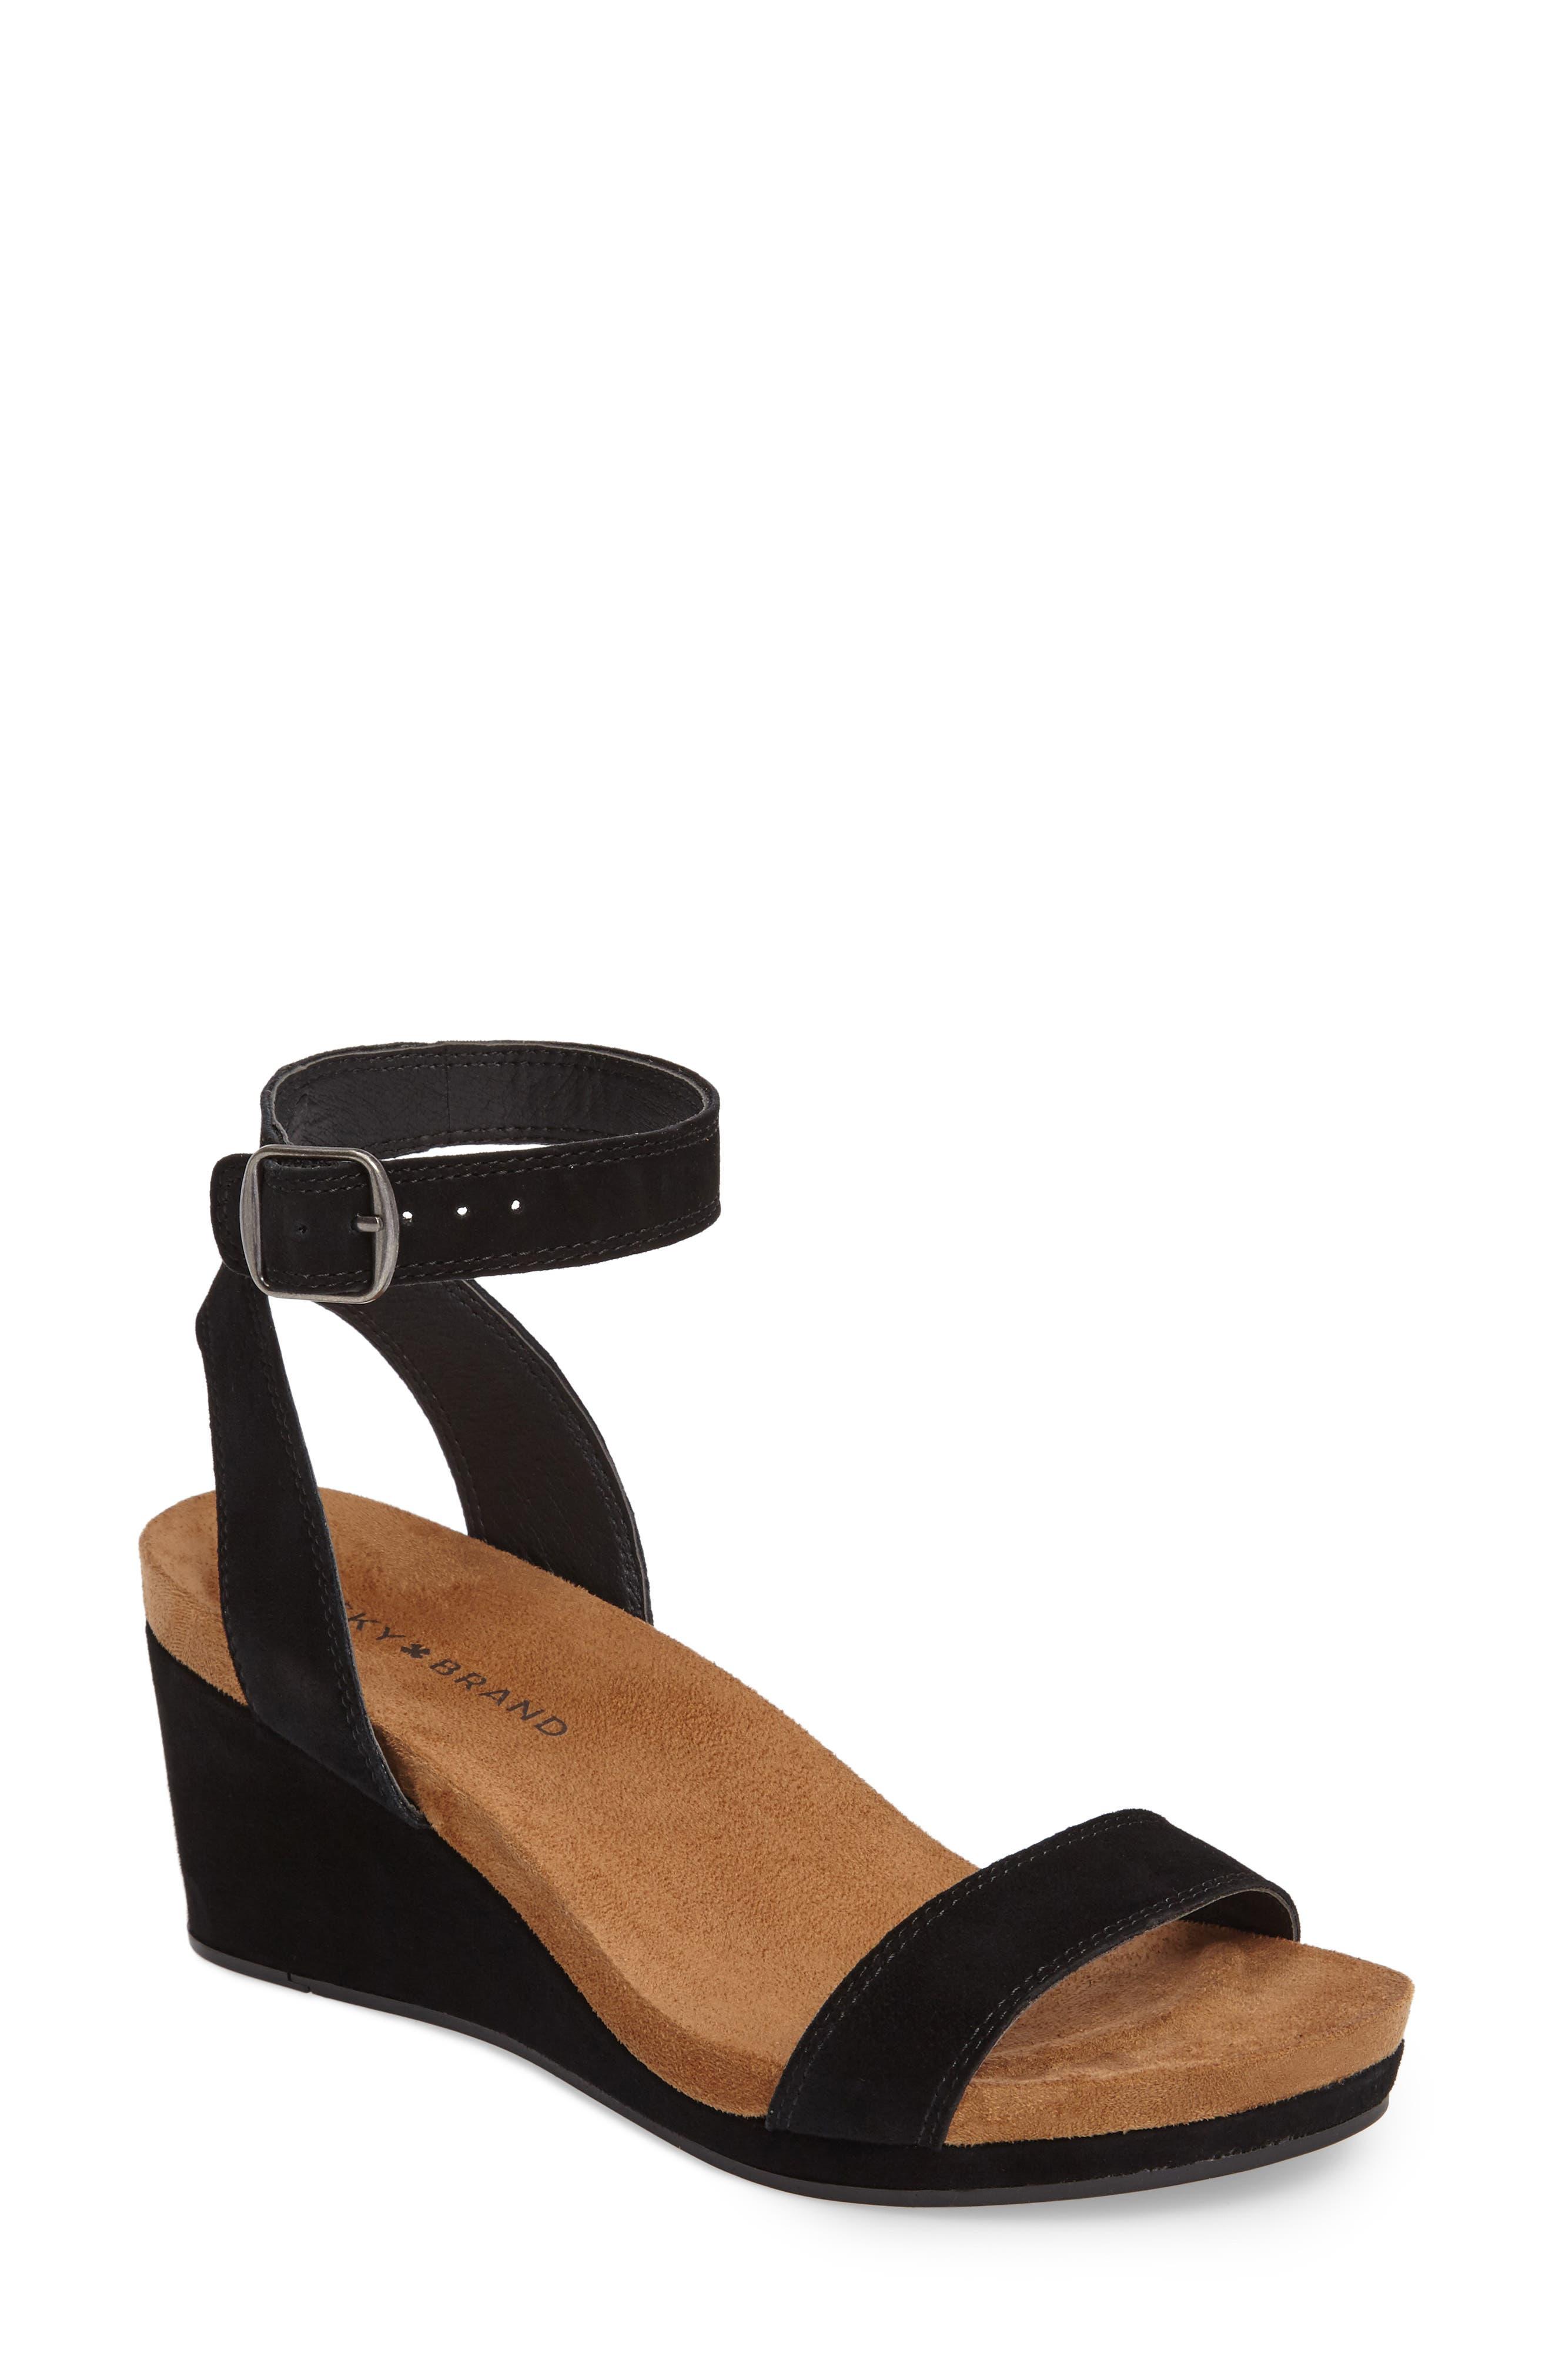 Alternate Image 1 Selected - Lucky Brand Karston Wedge Sandal (Women)